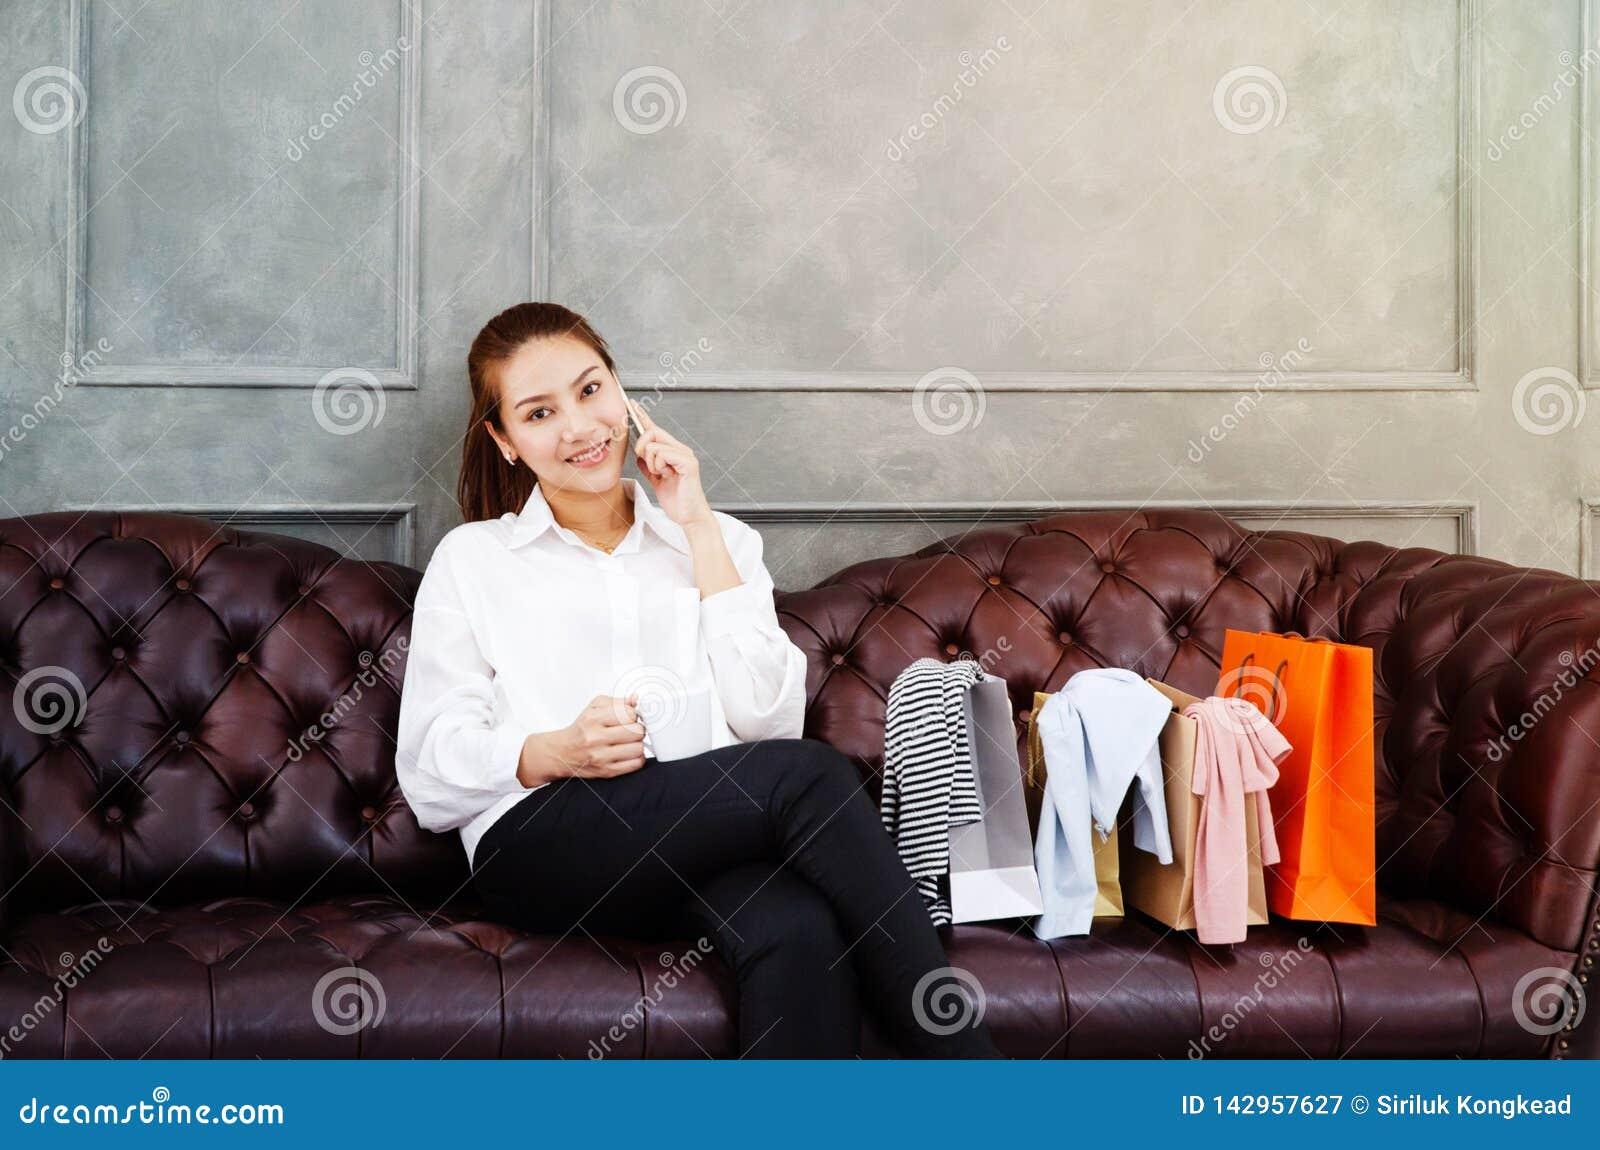 妇女是工作和愉快的 美丽的亚裔妇女微笑着 亚裔妇女与在沙发的灰色膝上型计算机一起使用在平均观测距离的屋子里